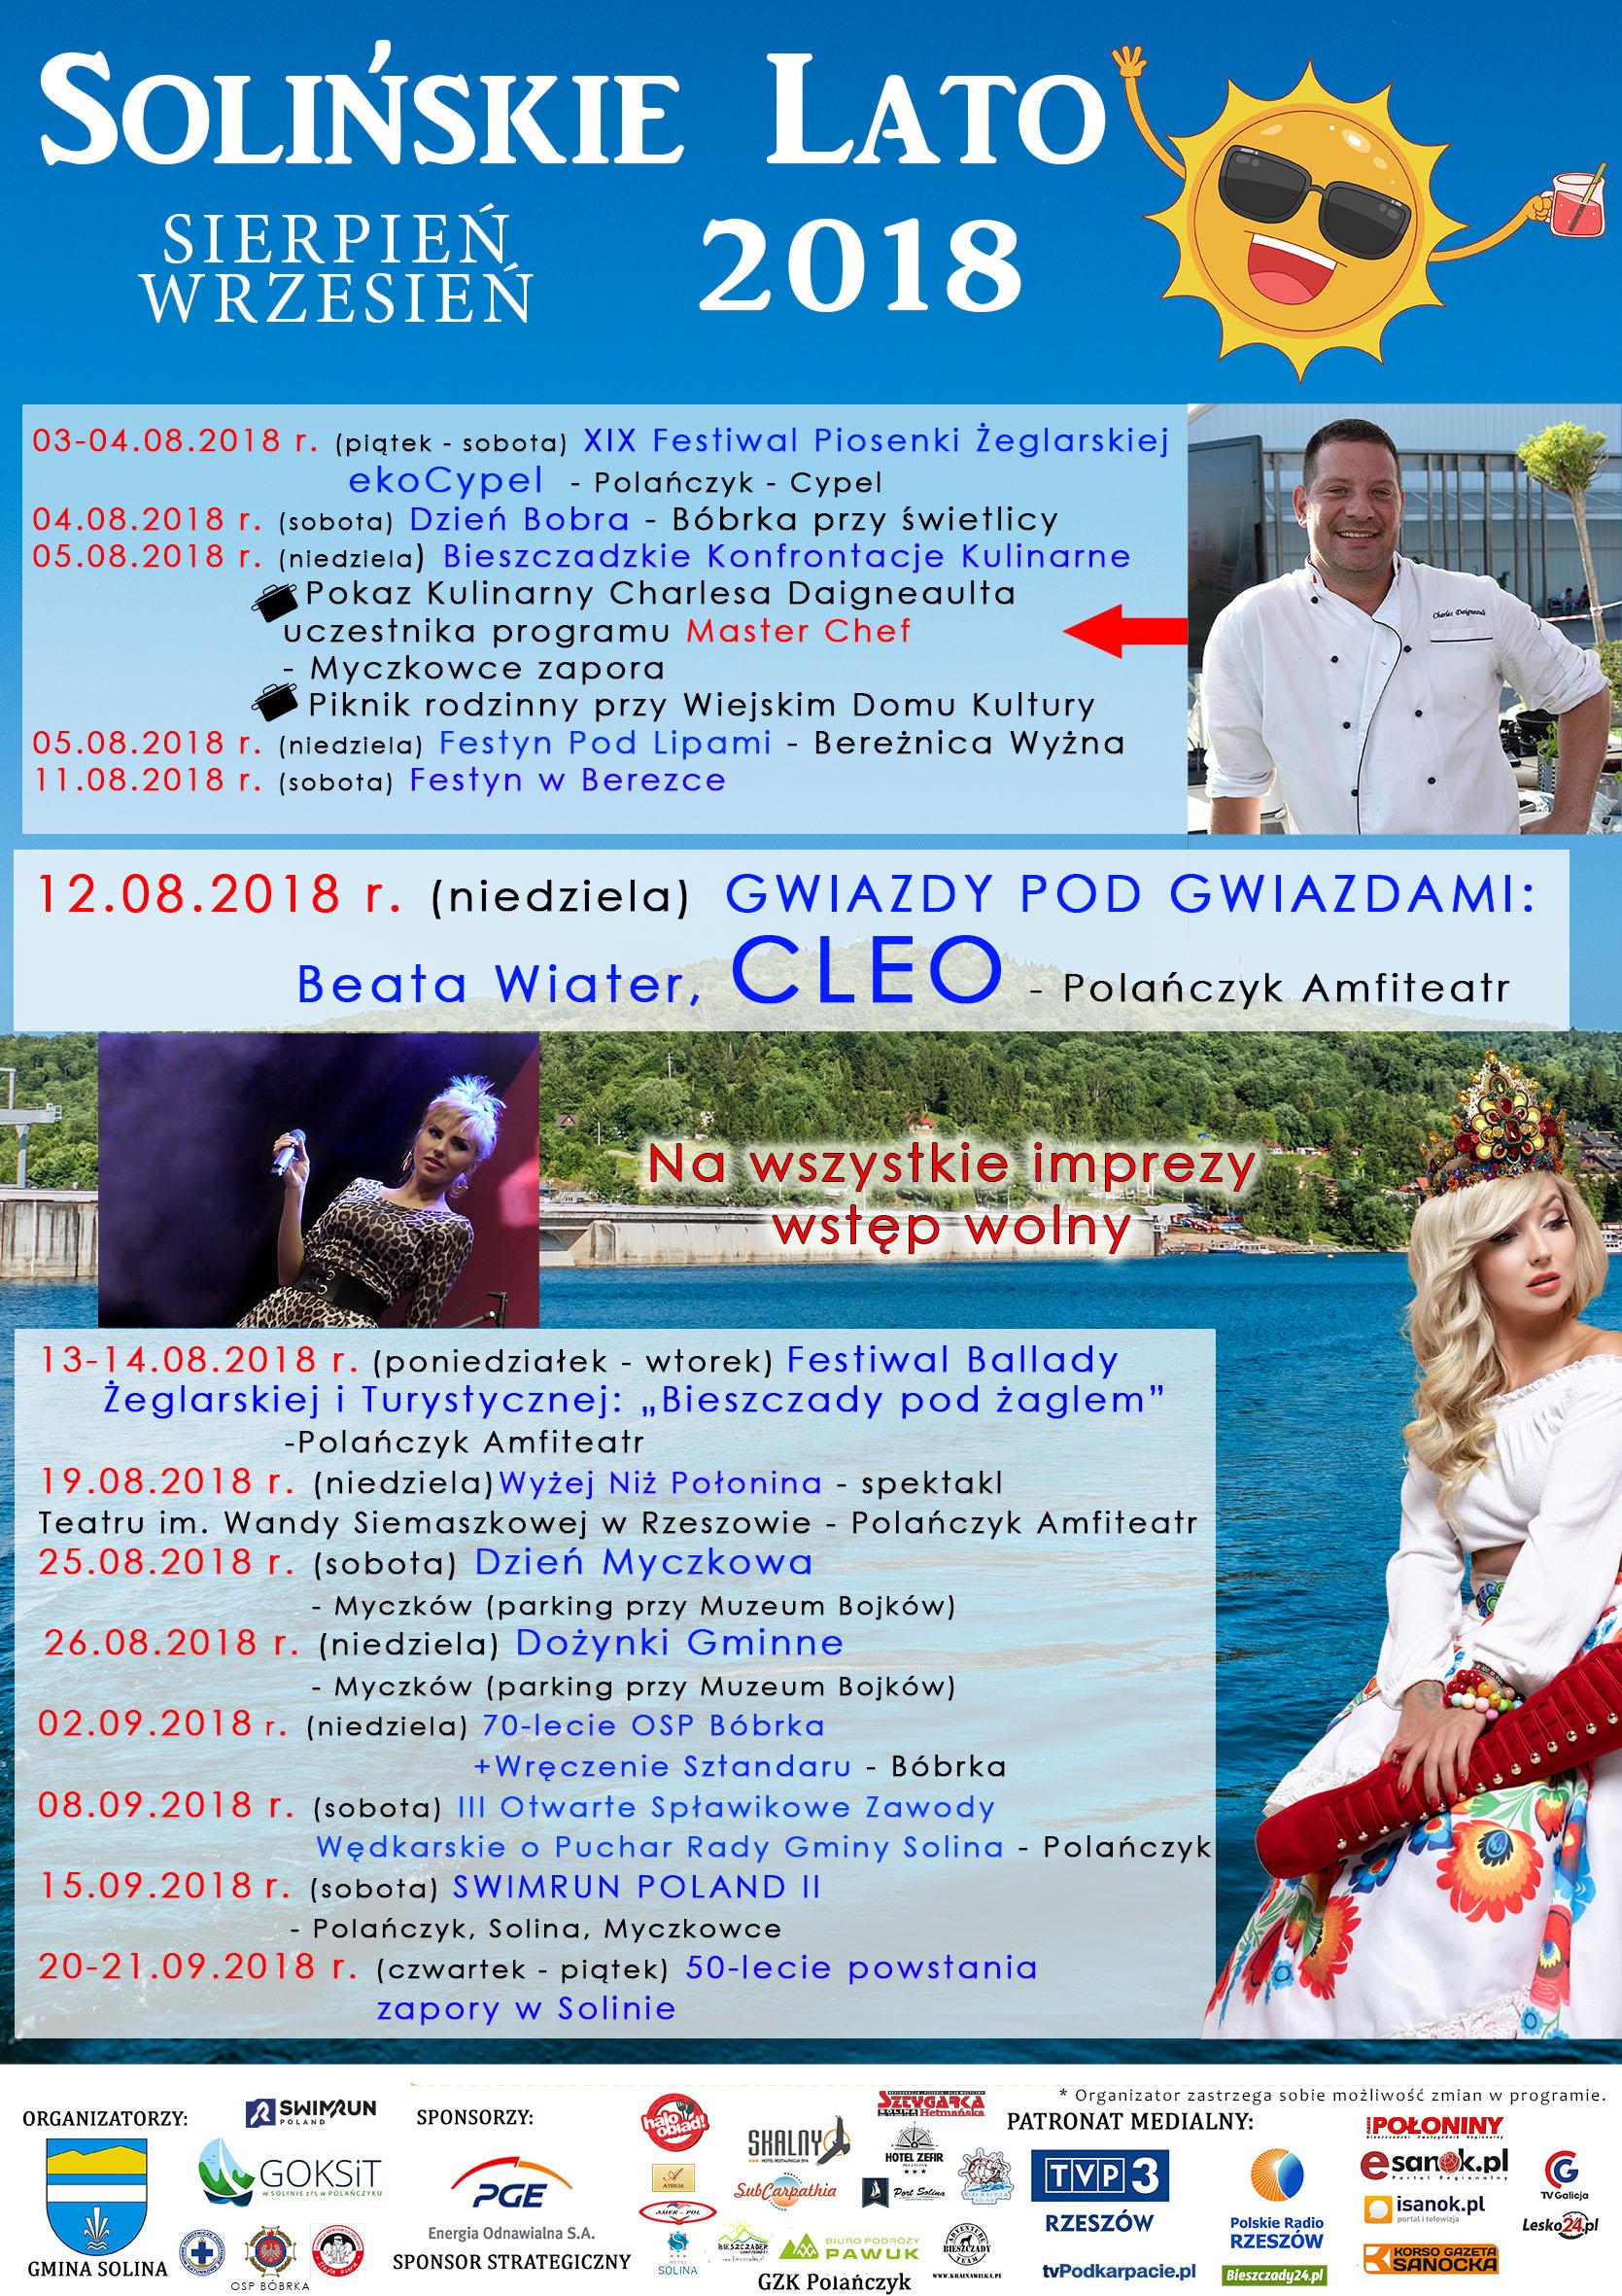 solinskie_lato_sierpien_2018